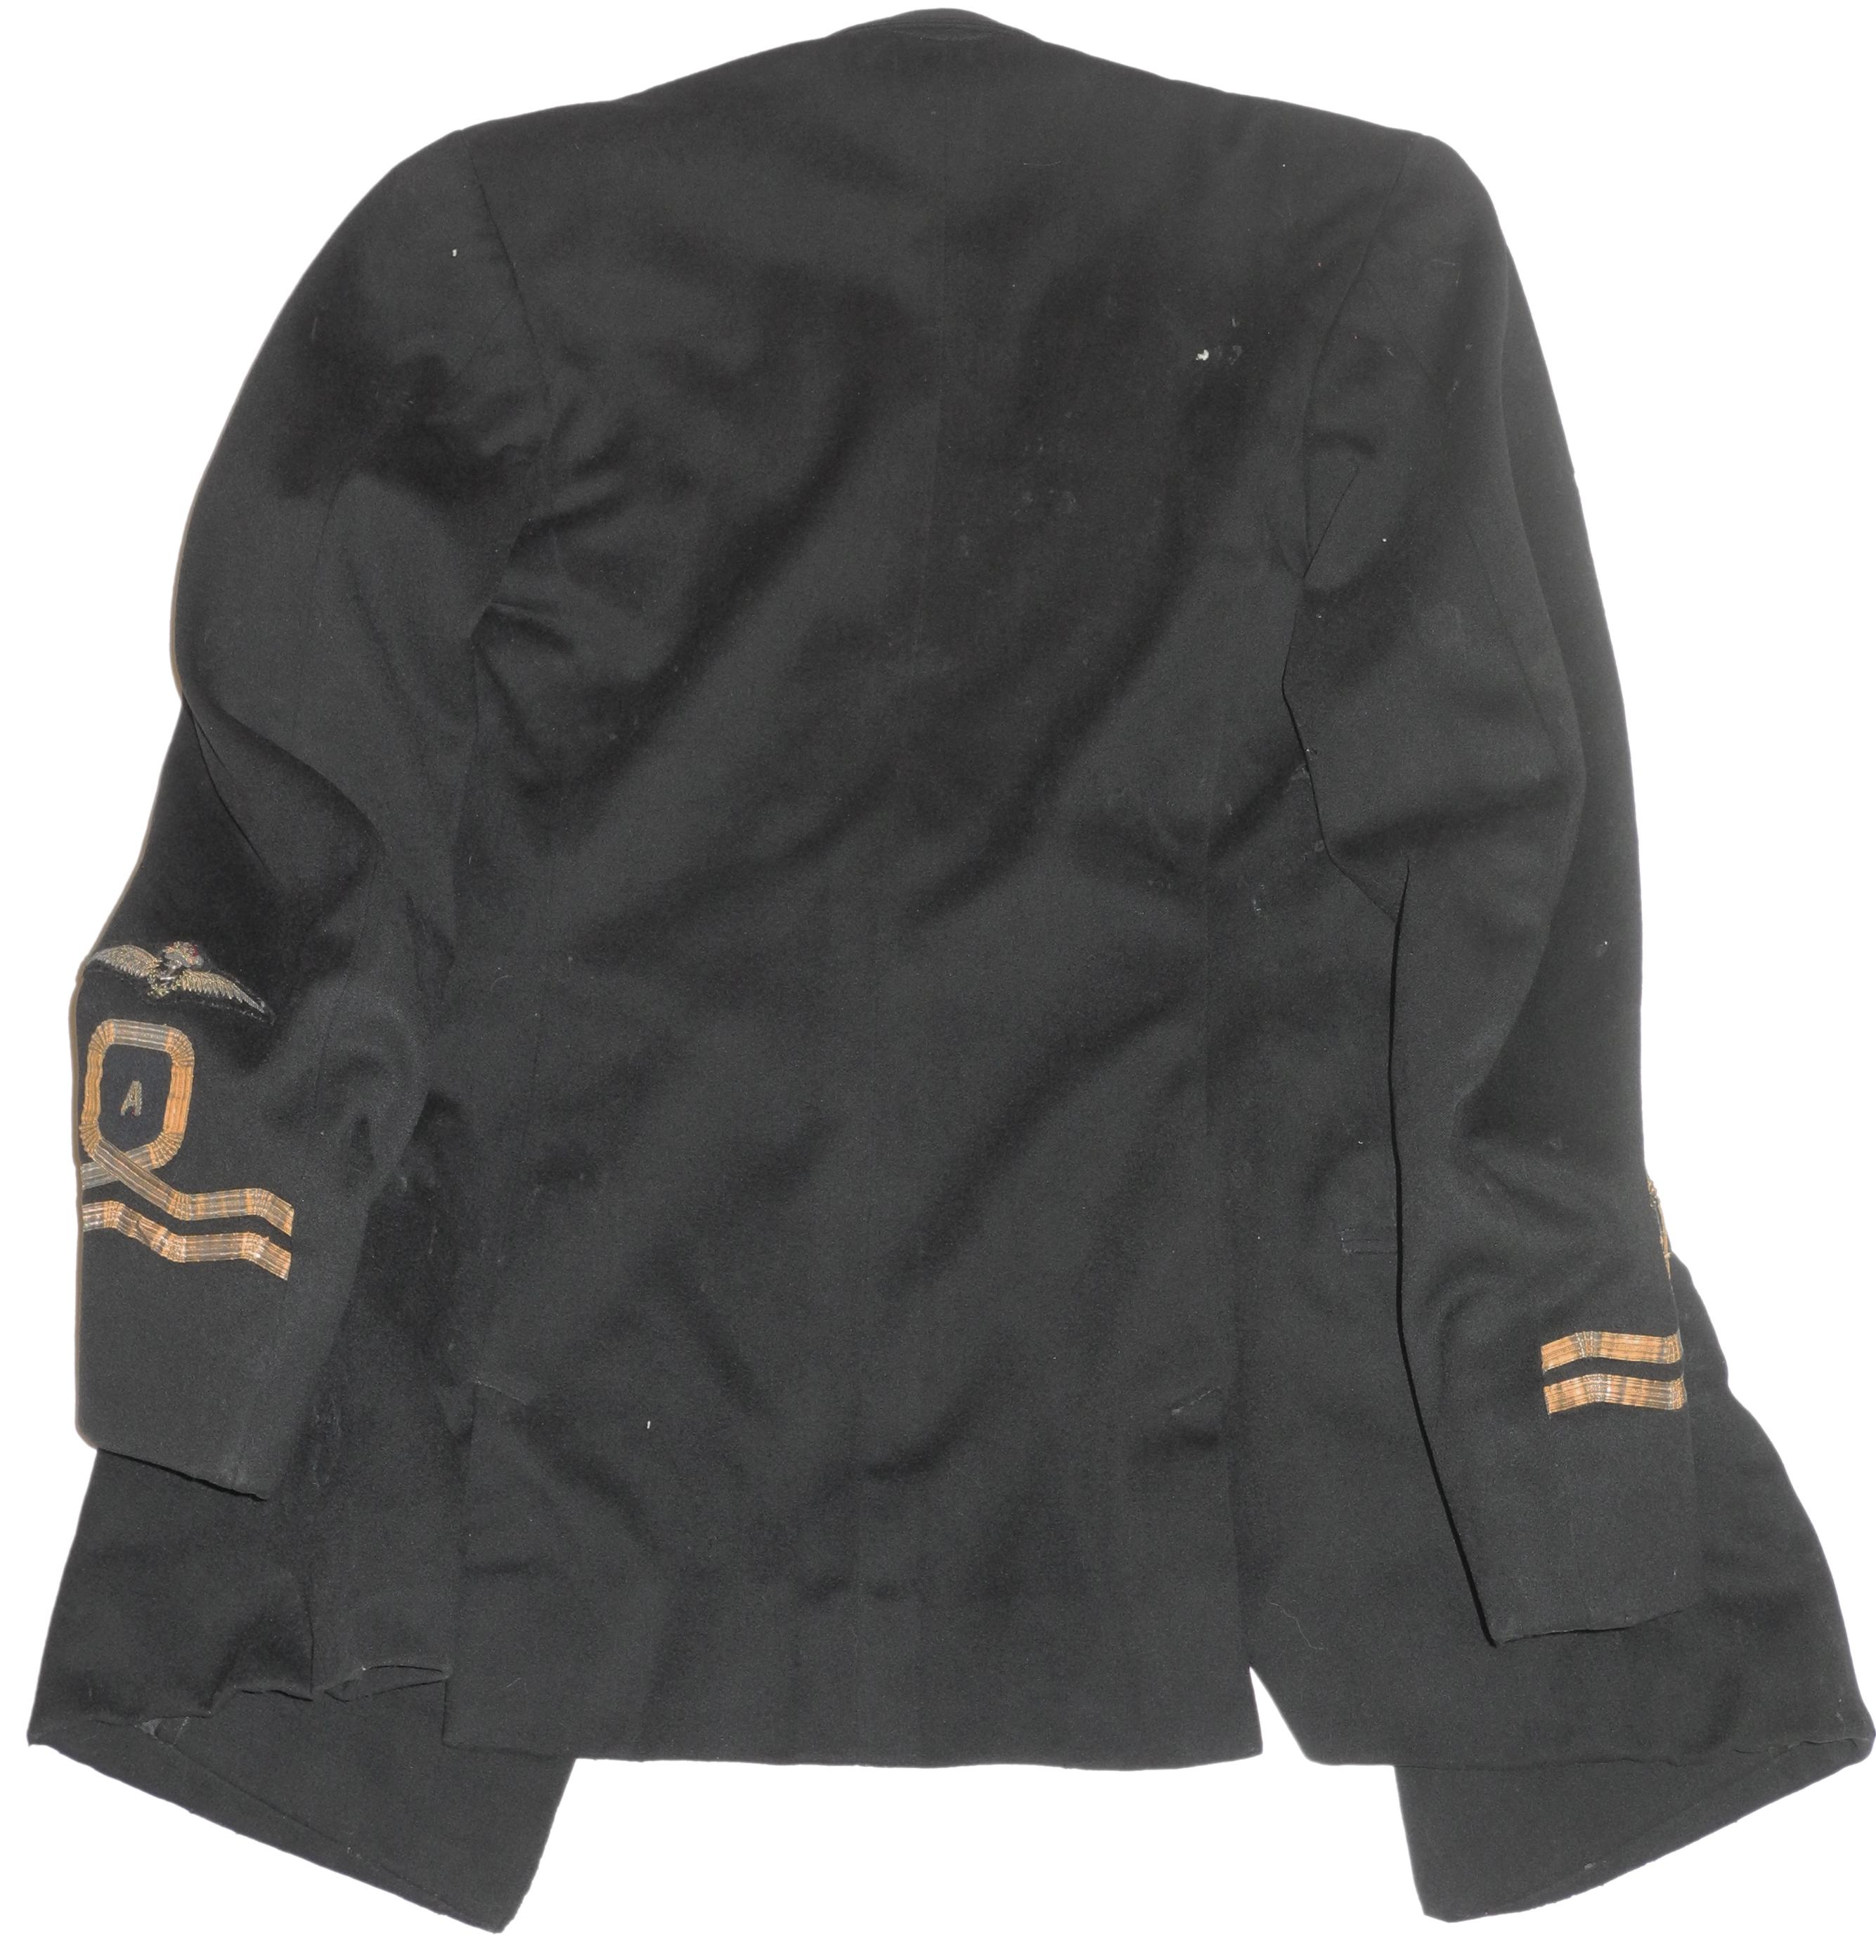 FAA uniform to DSC winner